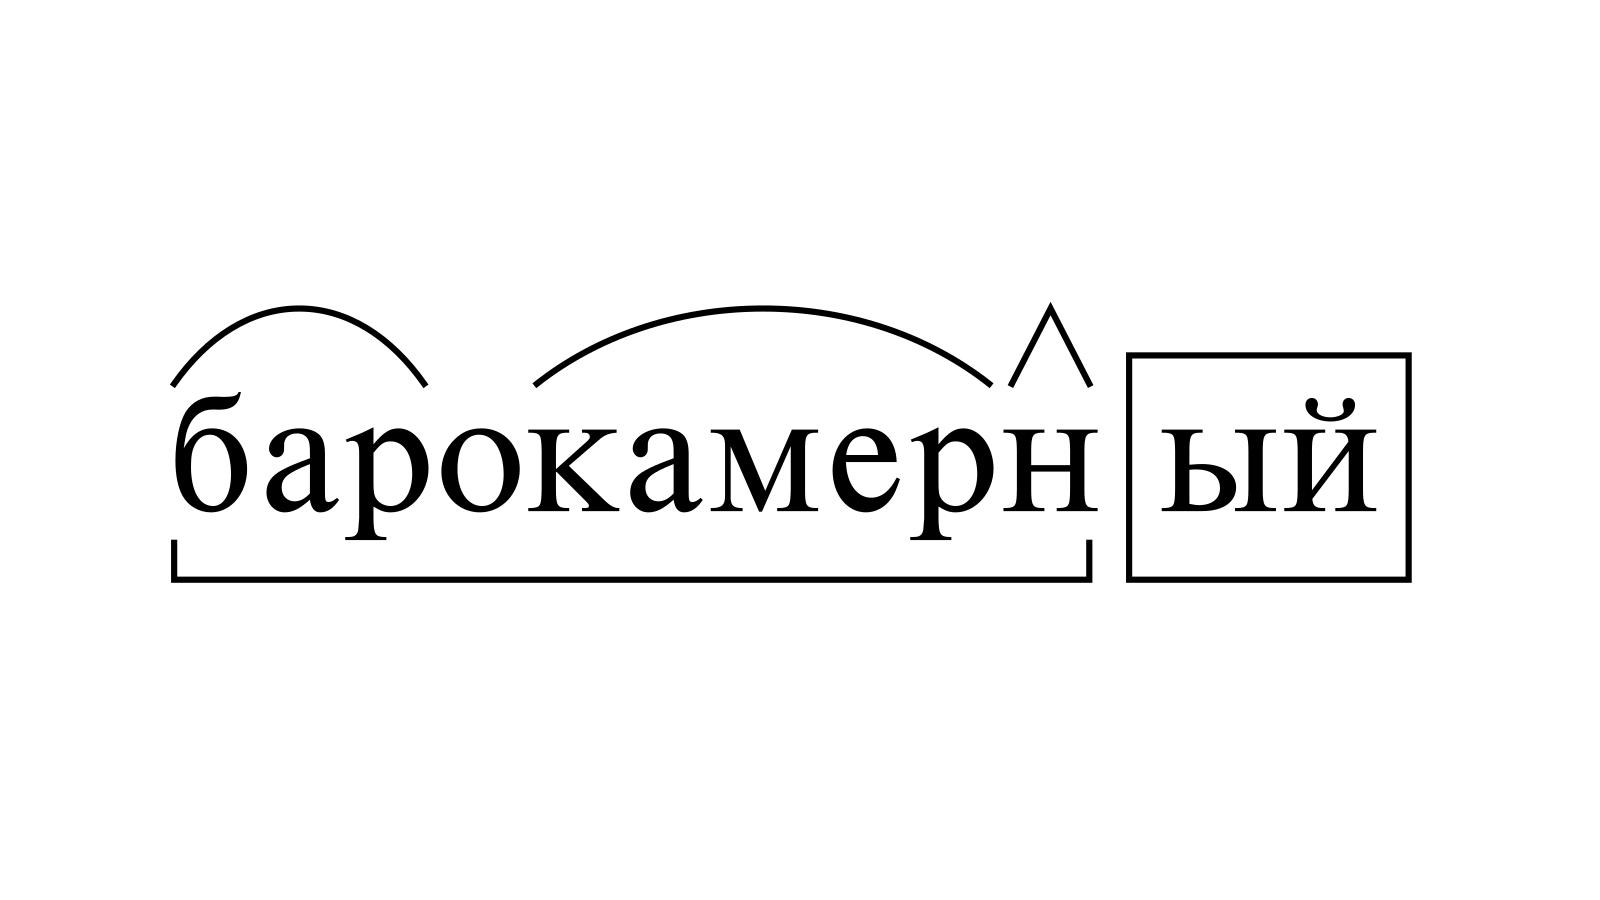 Разбор слова «барокамерный» по составу